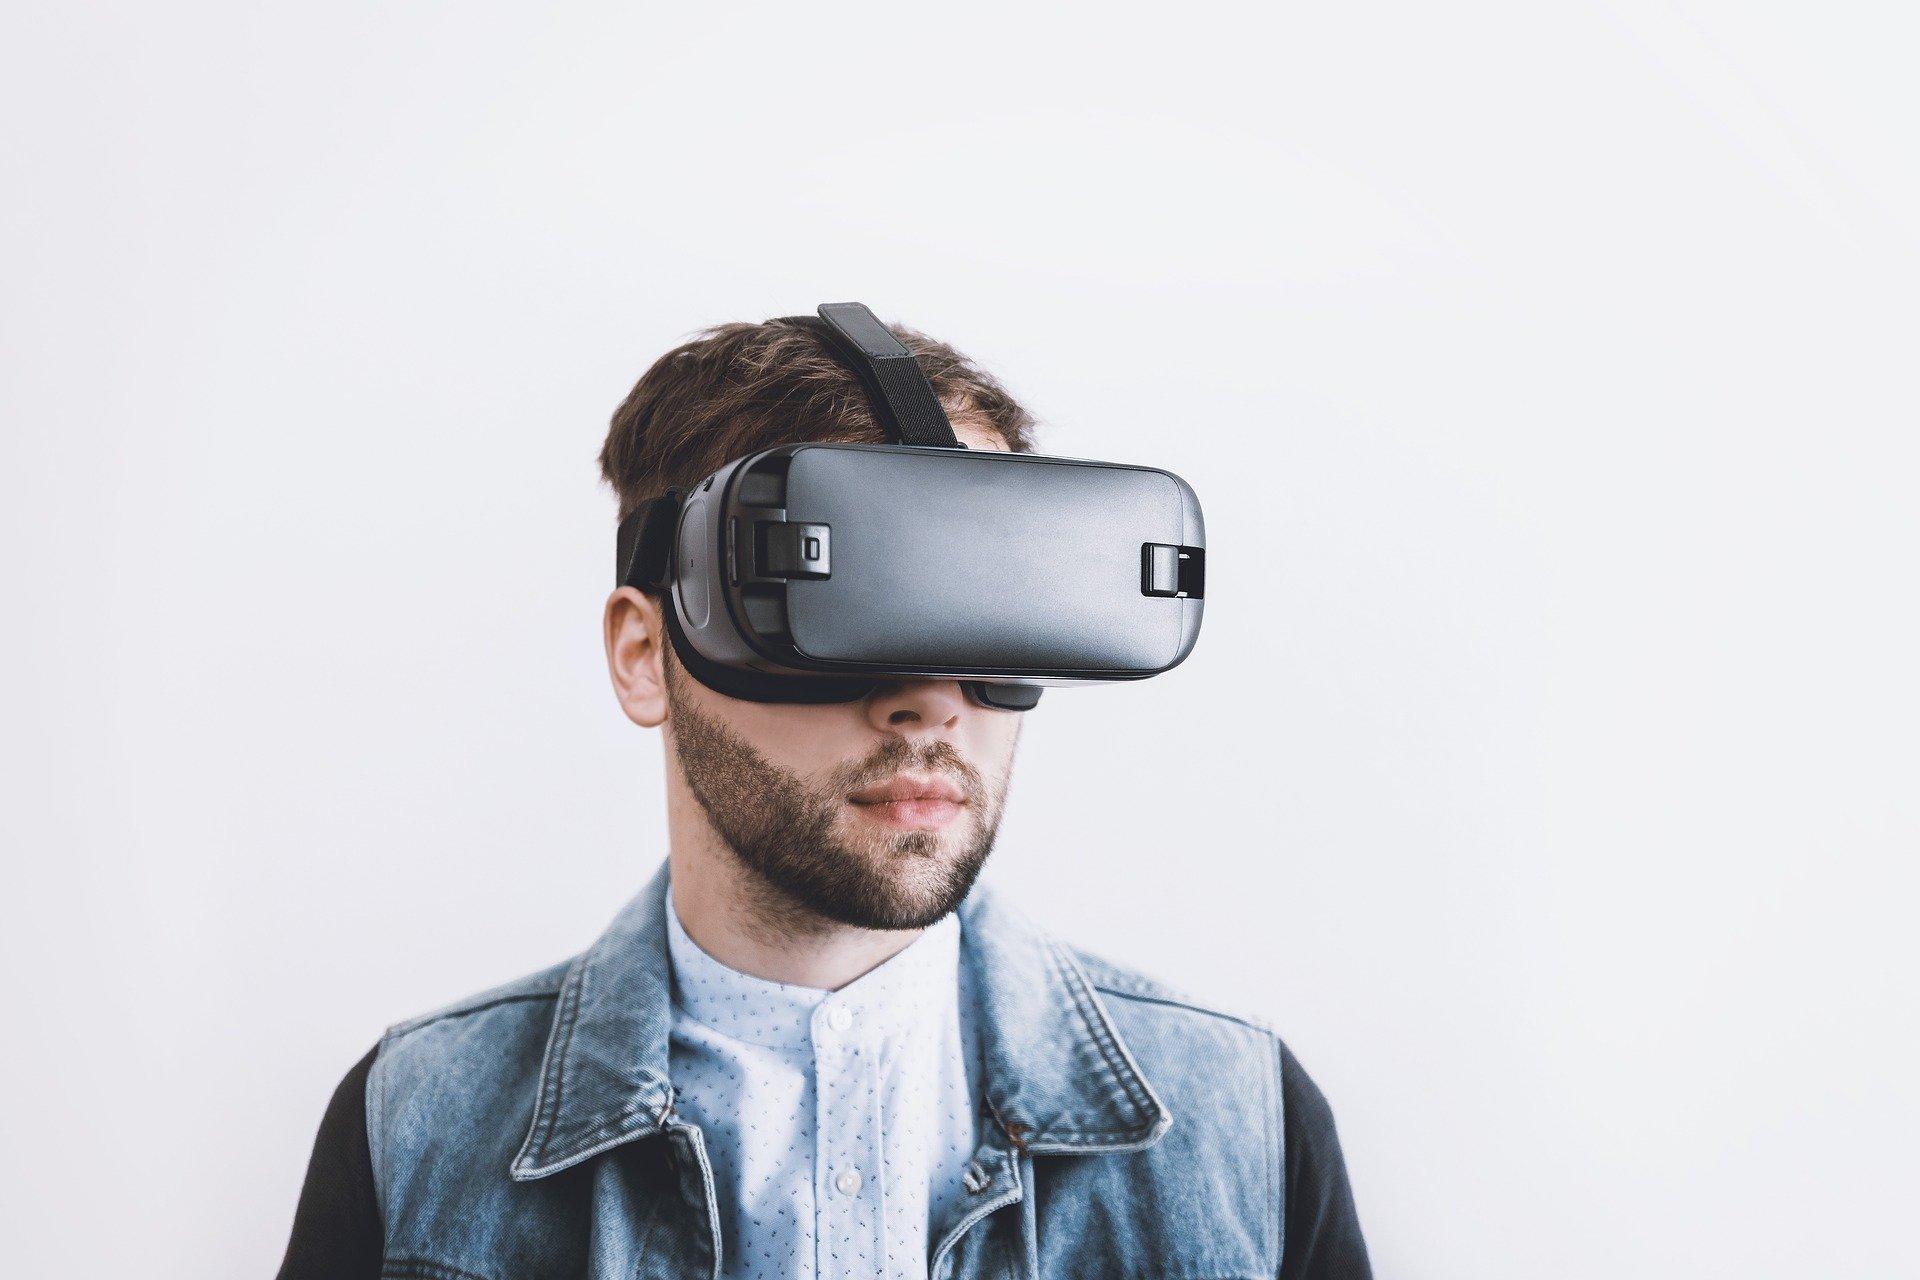 Wirtualna rzeczywistość pomoże w redukcji stresu